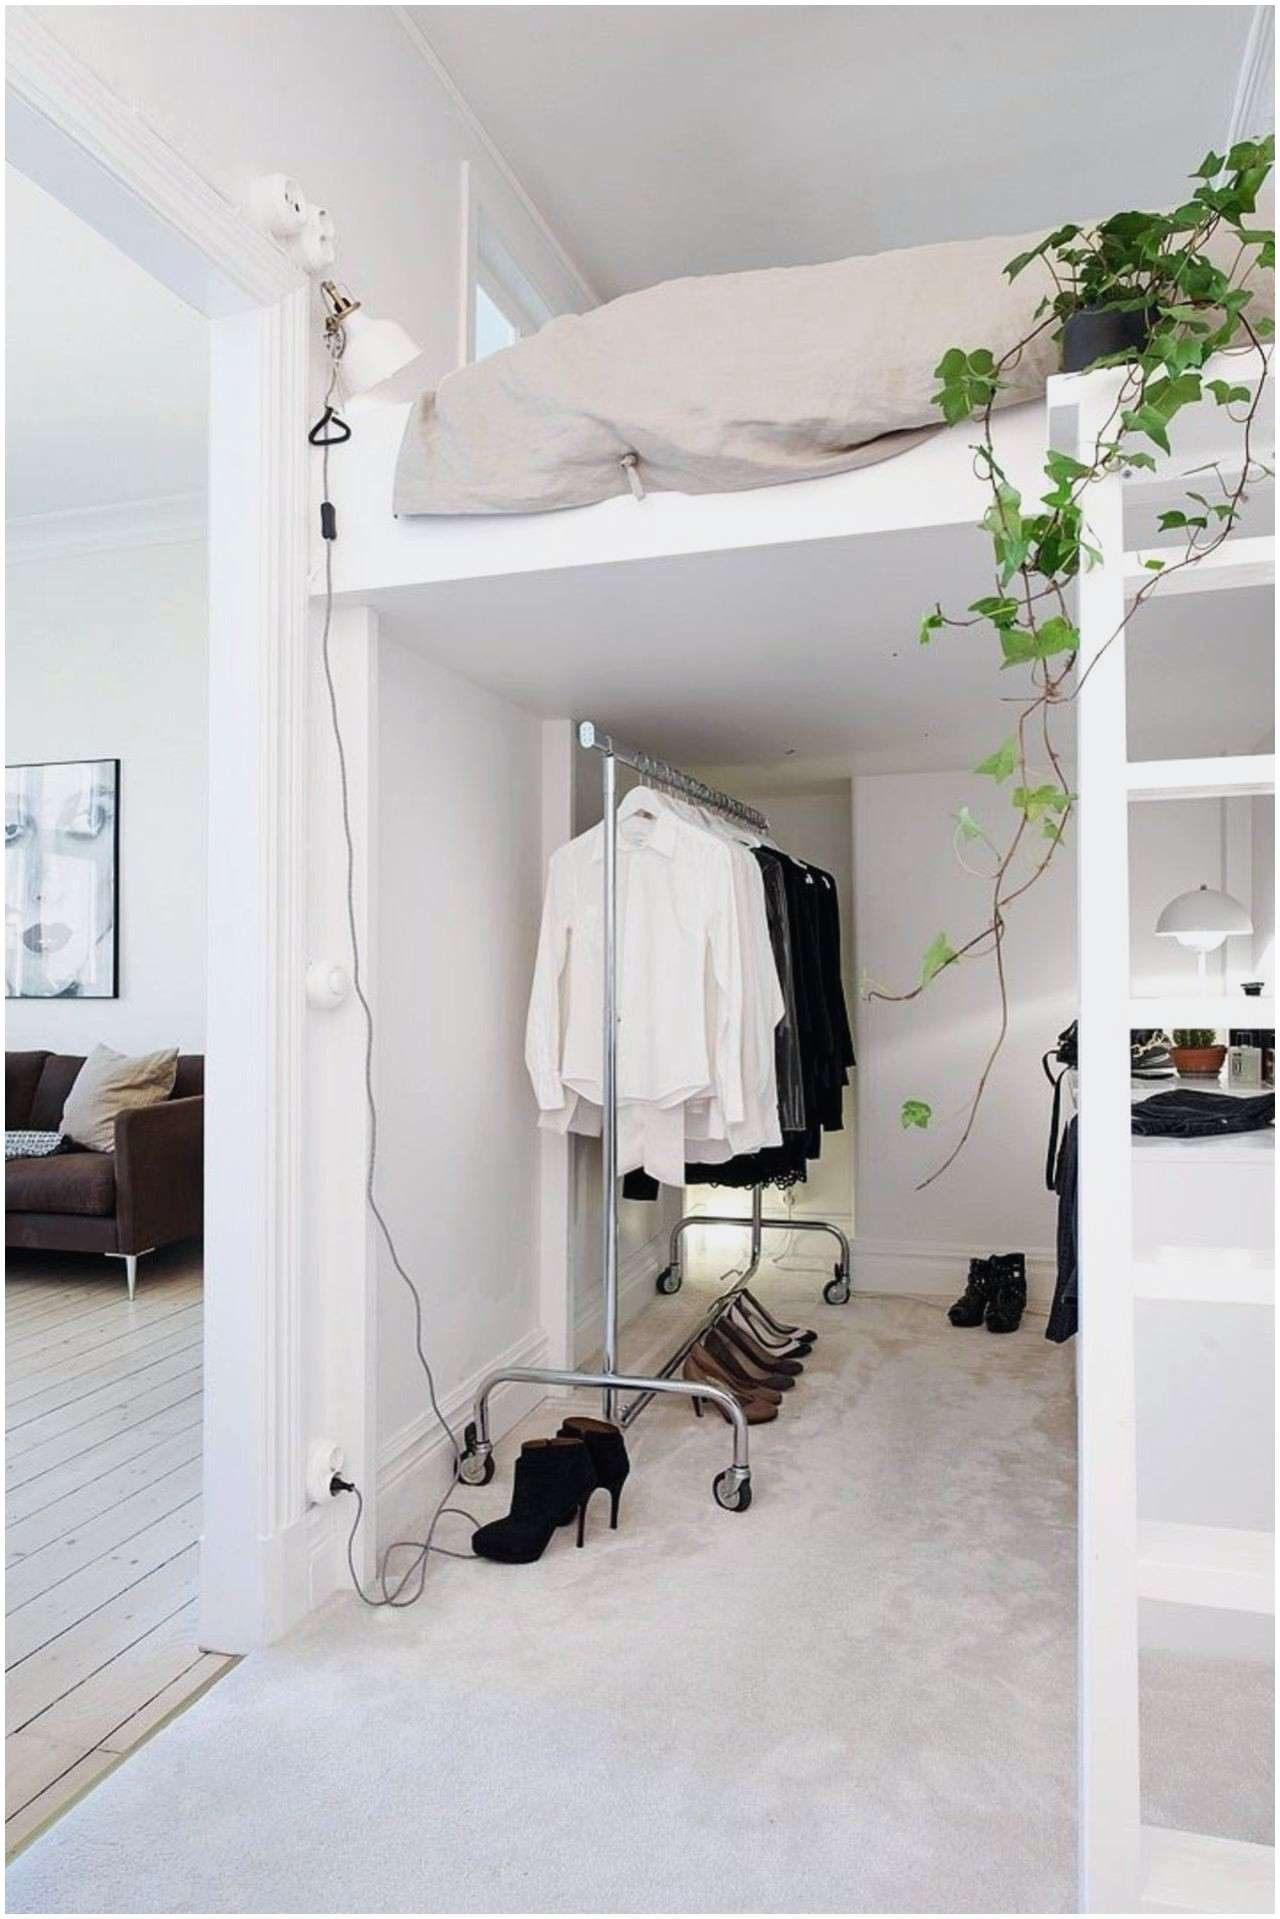 Lit Mezzanine Echelle Droite Le Luxe Beau 14 Beau Mezzanine Alinea Adana Estepona Pour Option Escalier